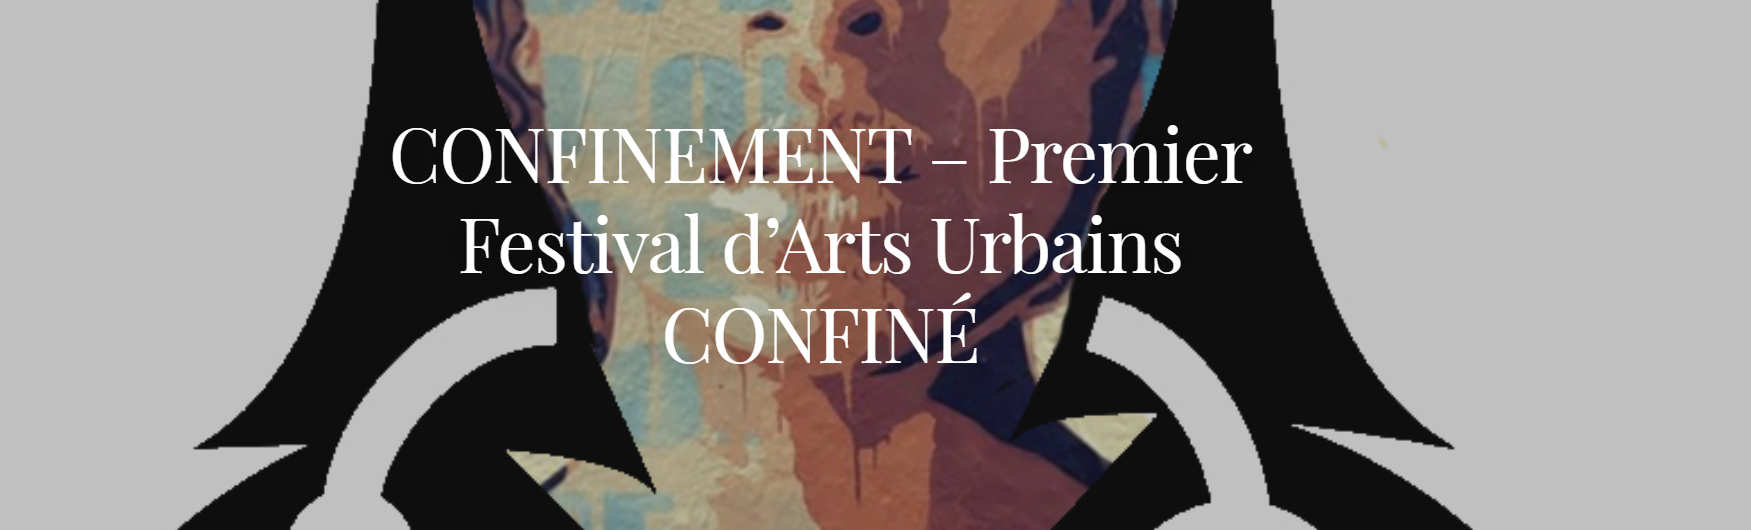 Page de Confinement  Festival d'arts urbains par Saato